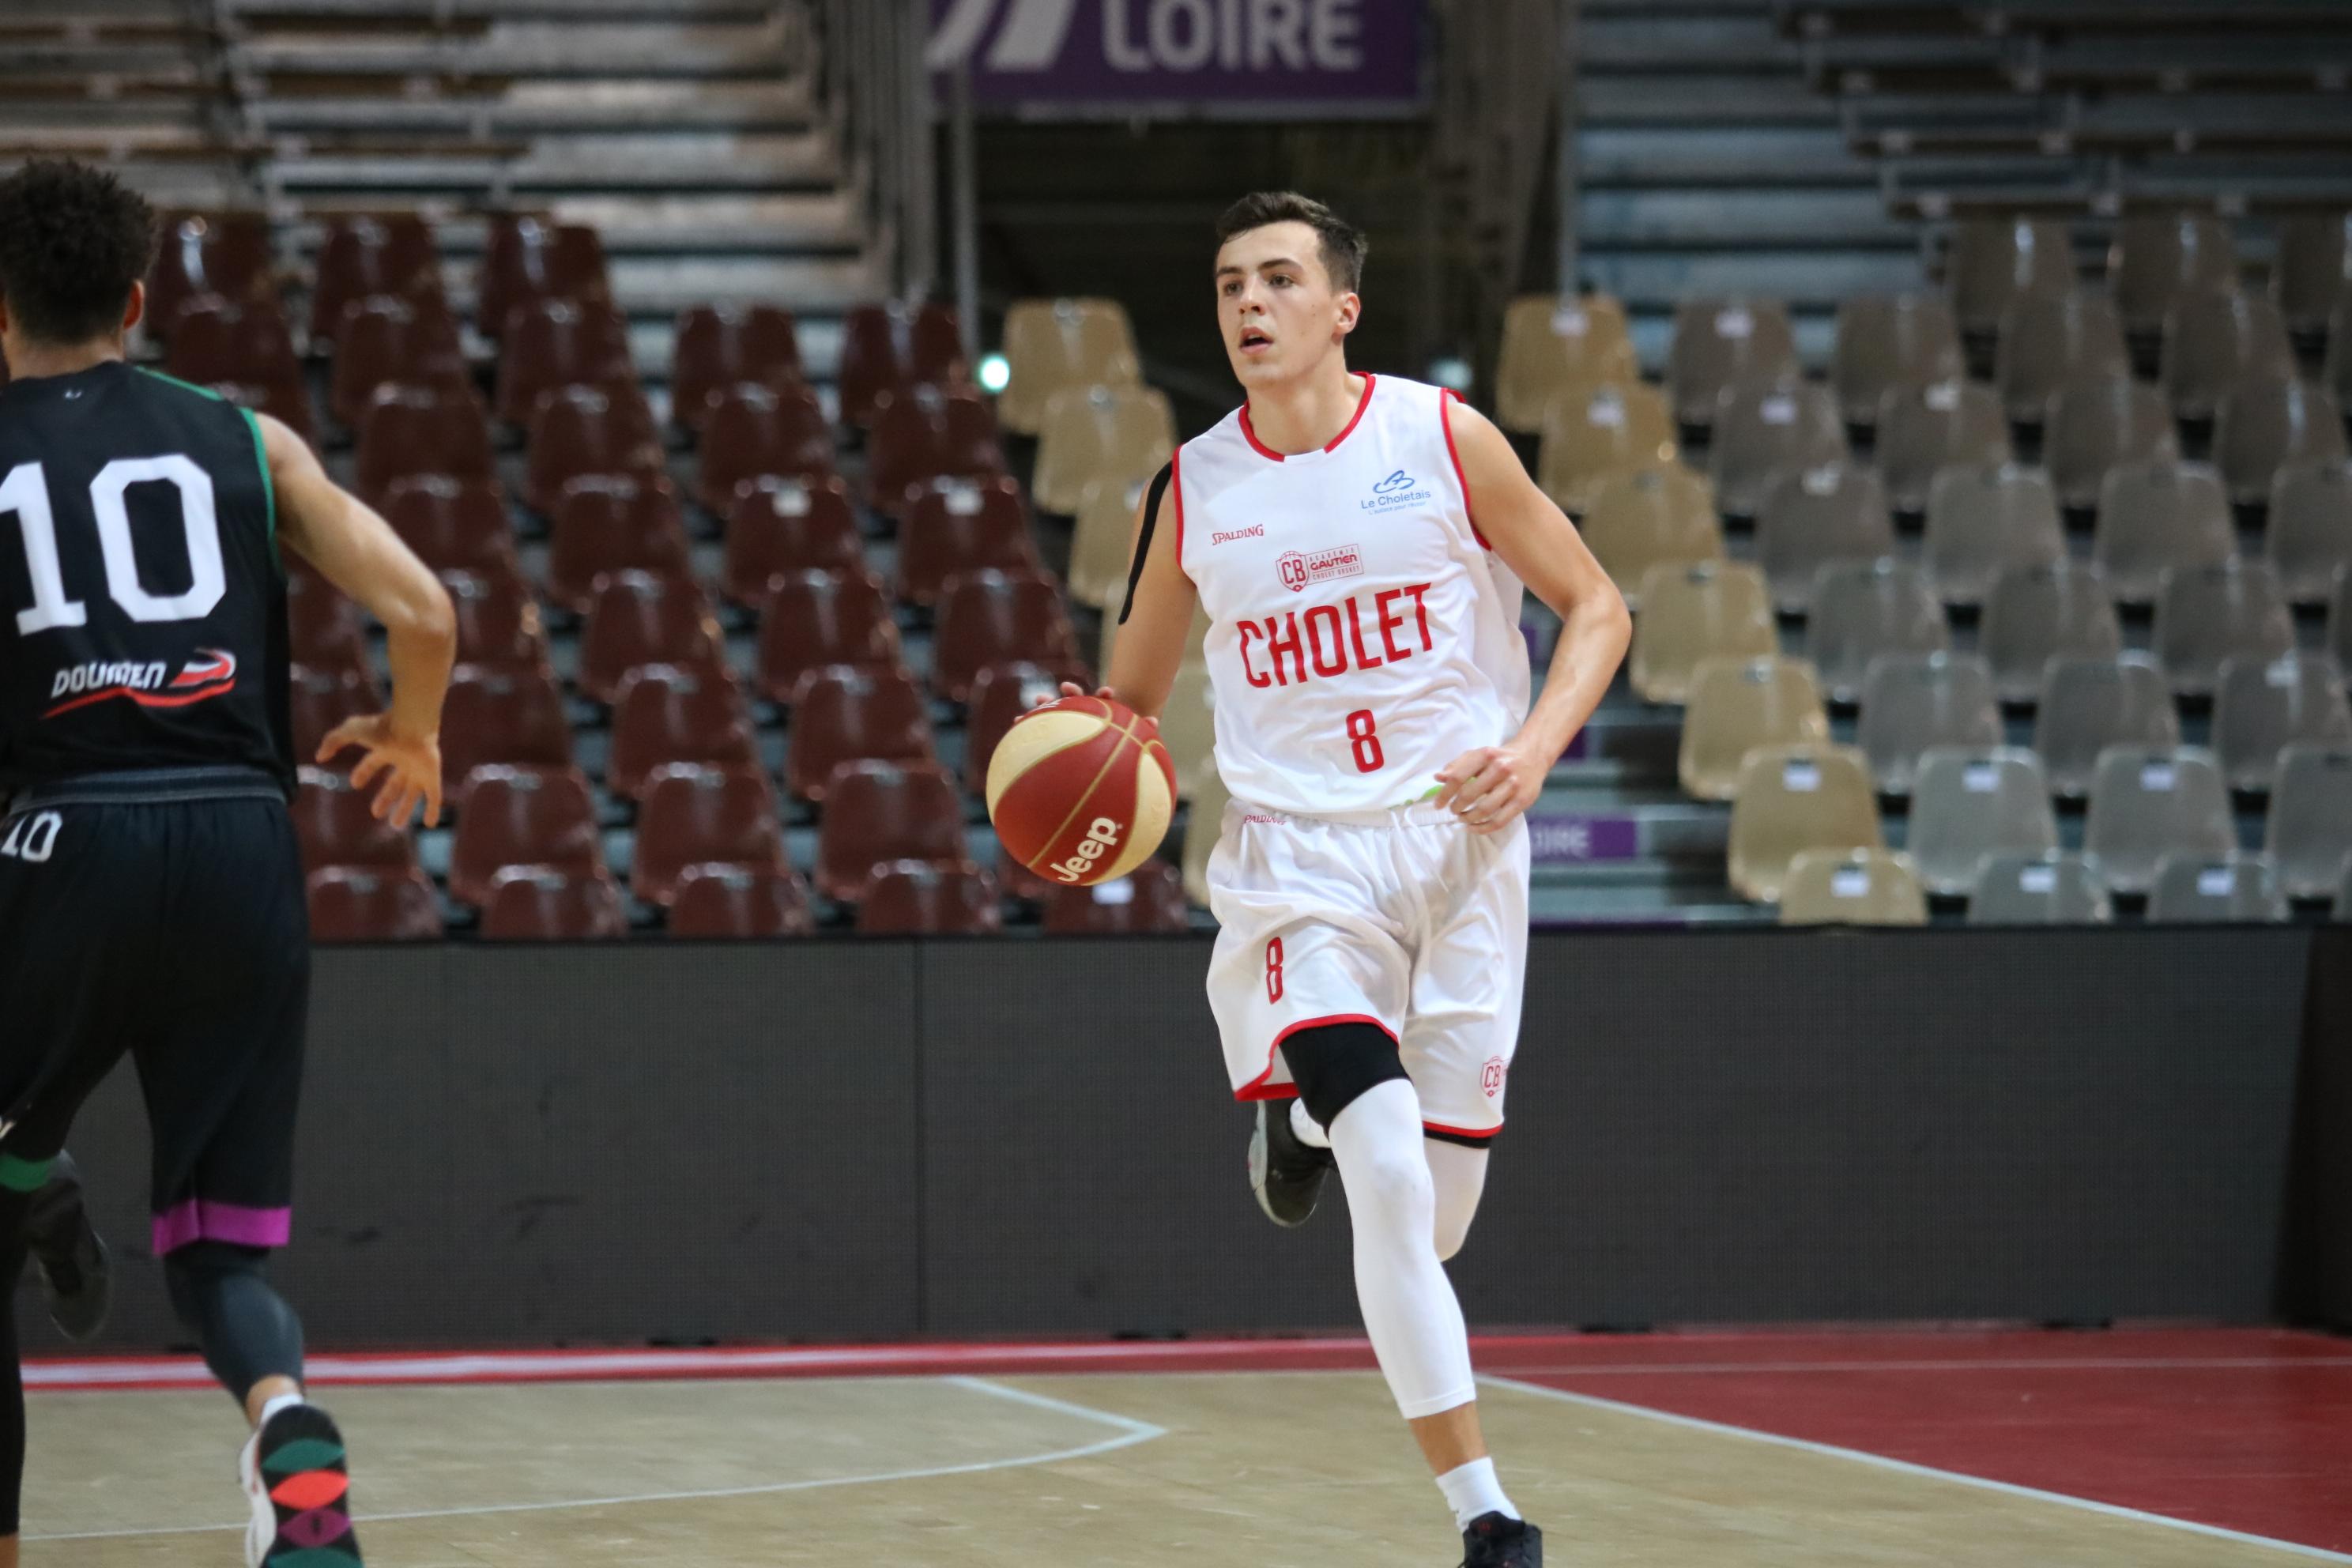 Hugo ROBINEAU se présente en vidéo | Cholet Basket